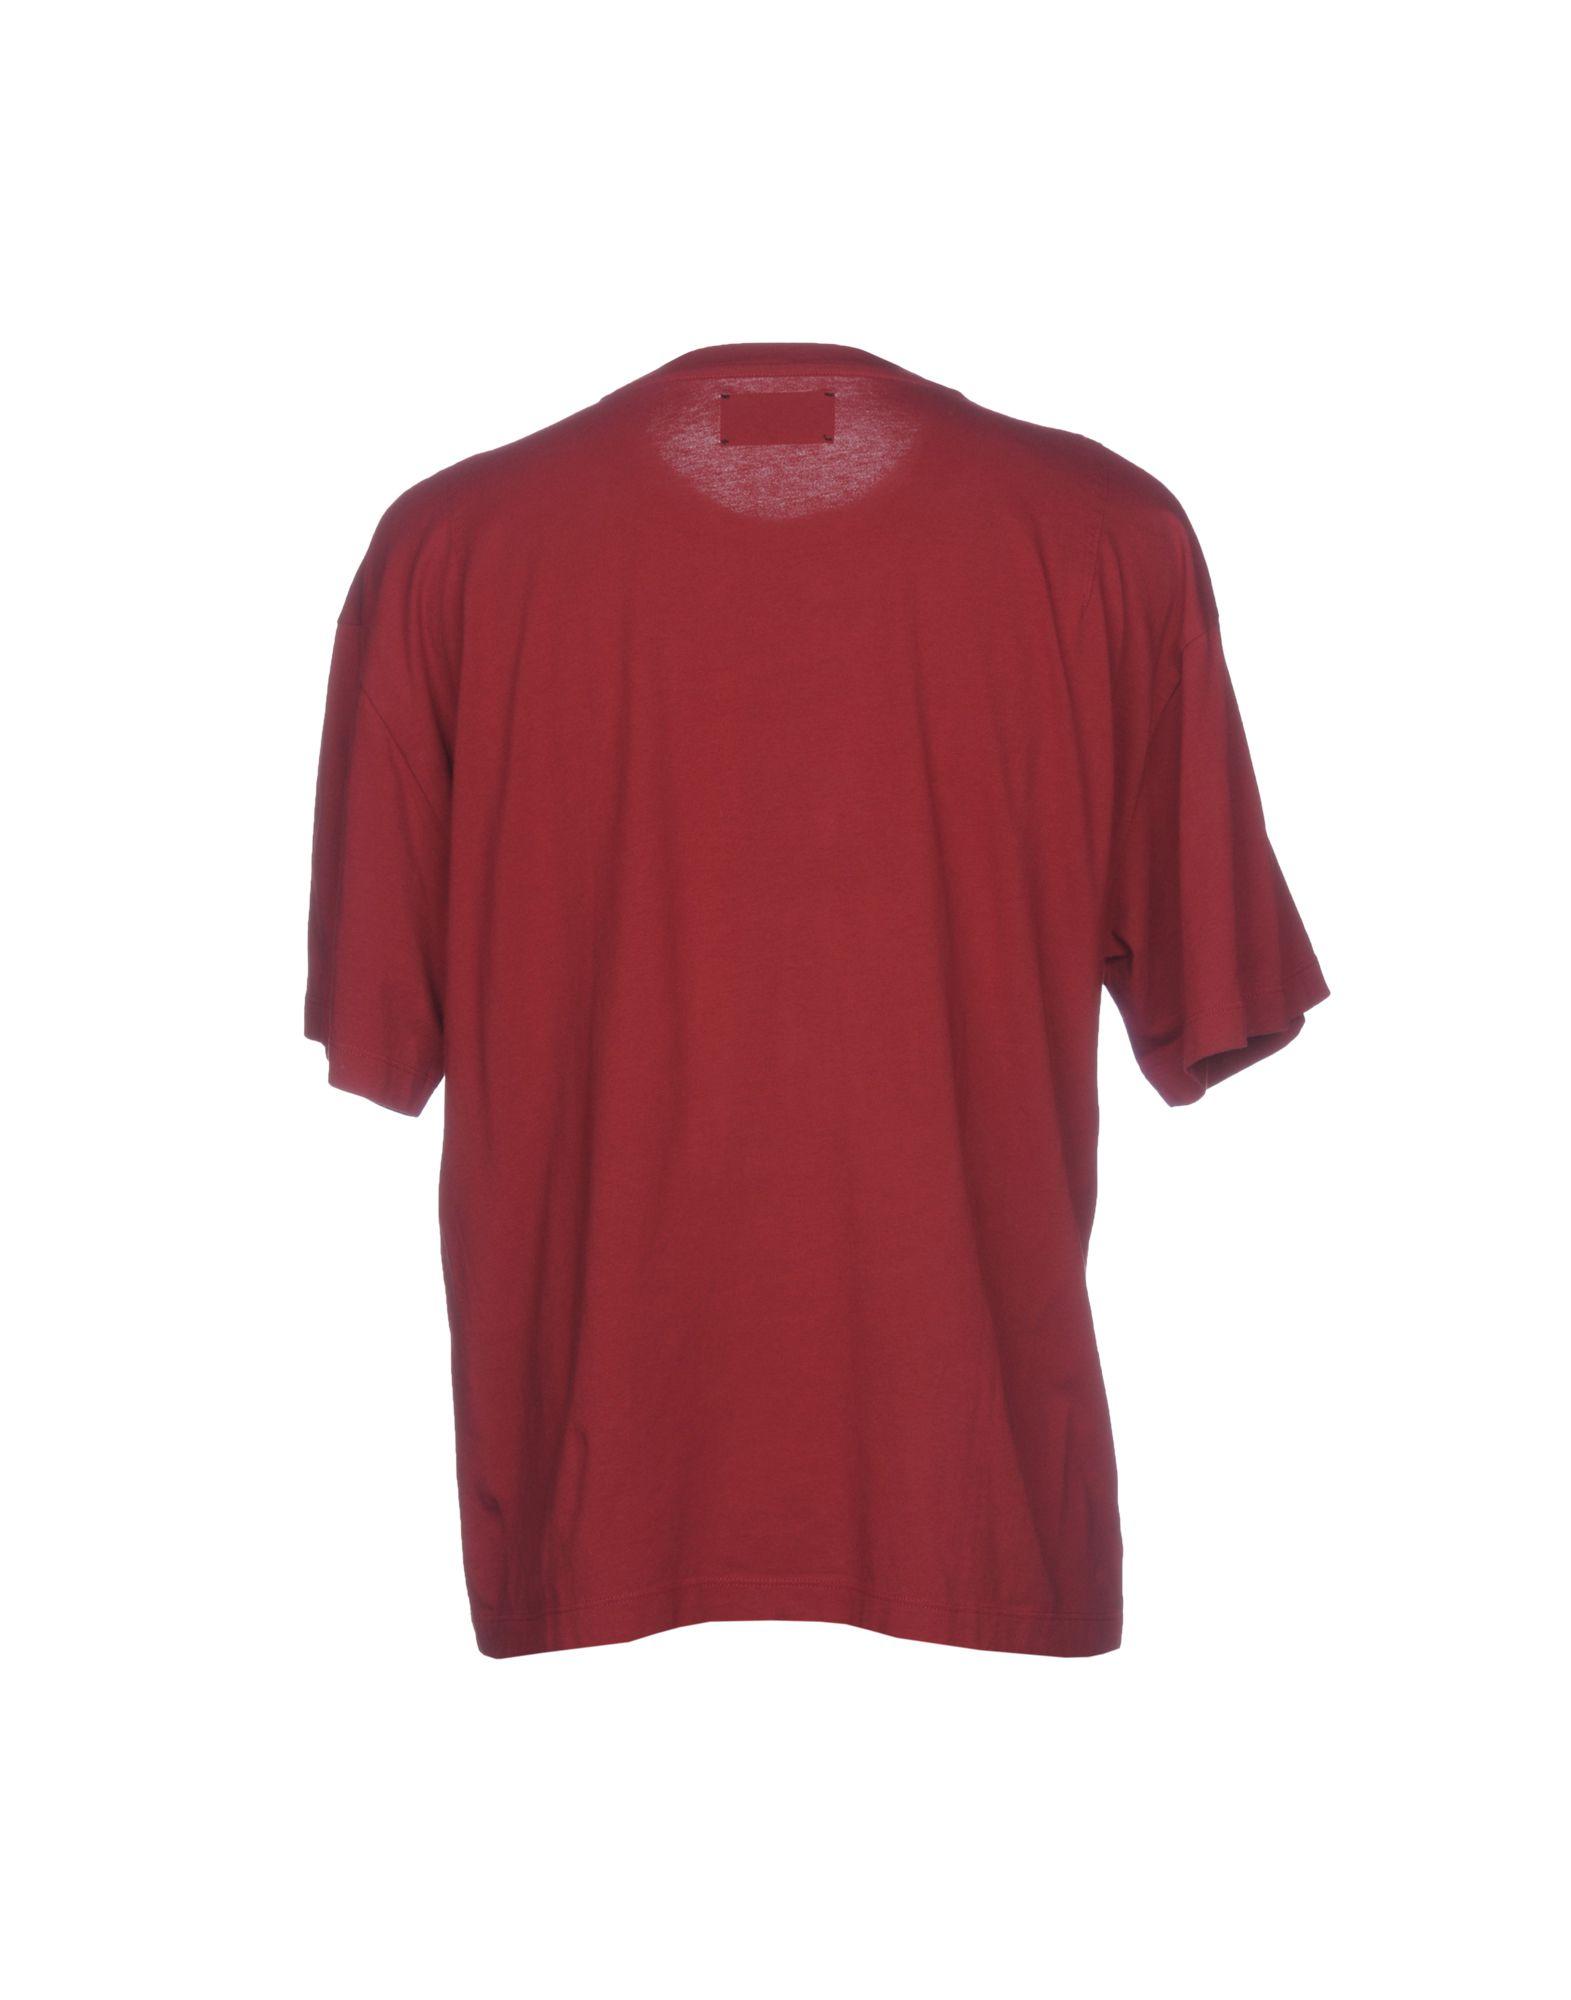 T-Shirt Ga lle Paris Uomo Uomo Uomo - 12072663WJ 314420